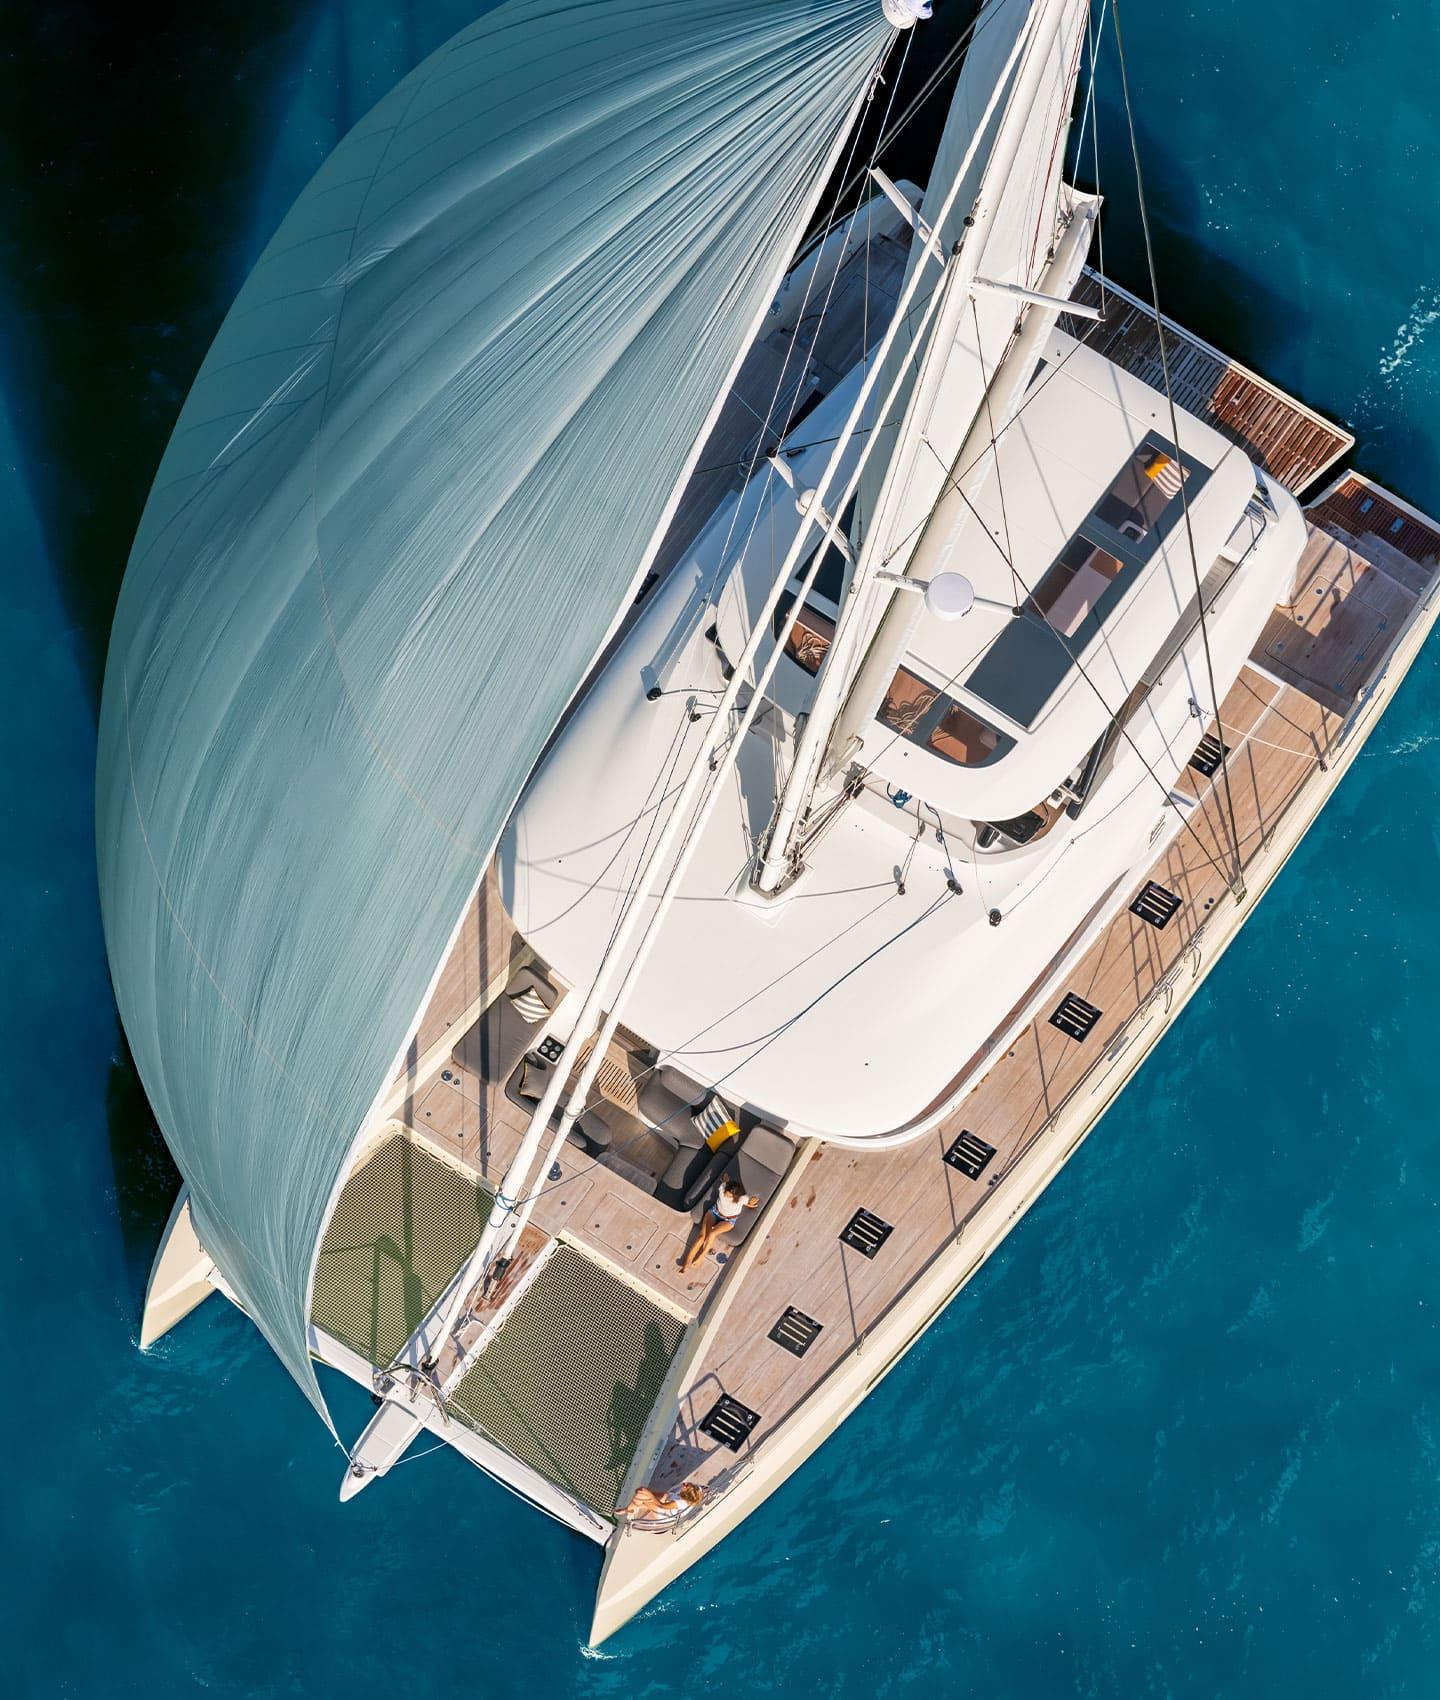 Una vista dall'alto di una catamarano a vela di Lagoon, che naviga con la vela spiegata al vento